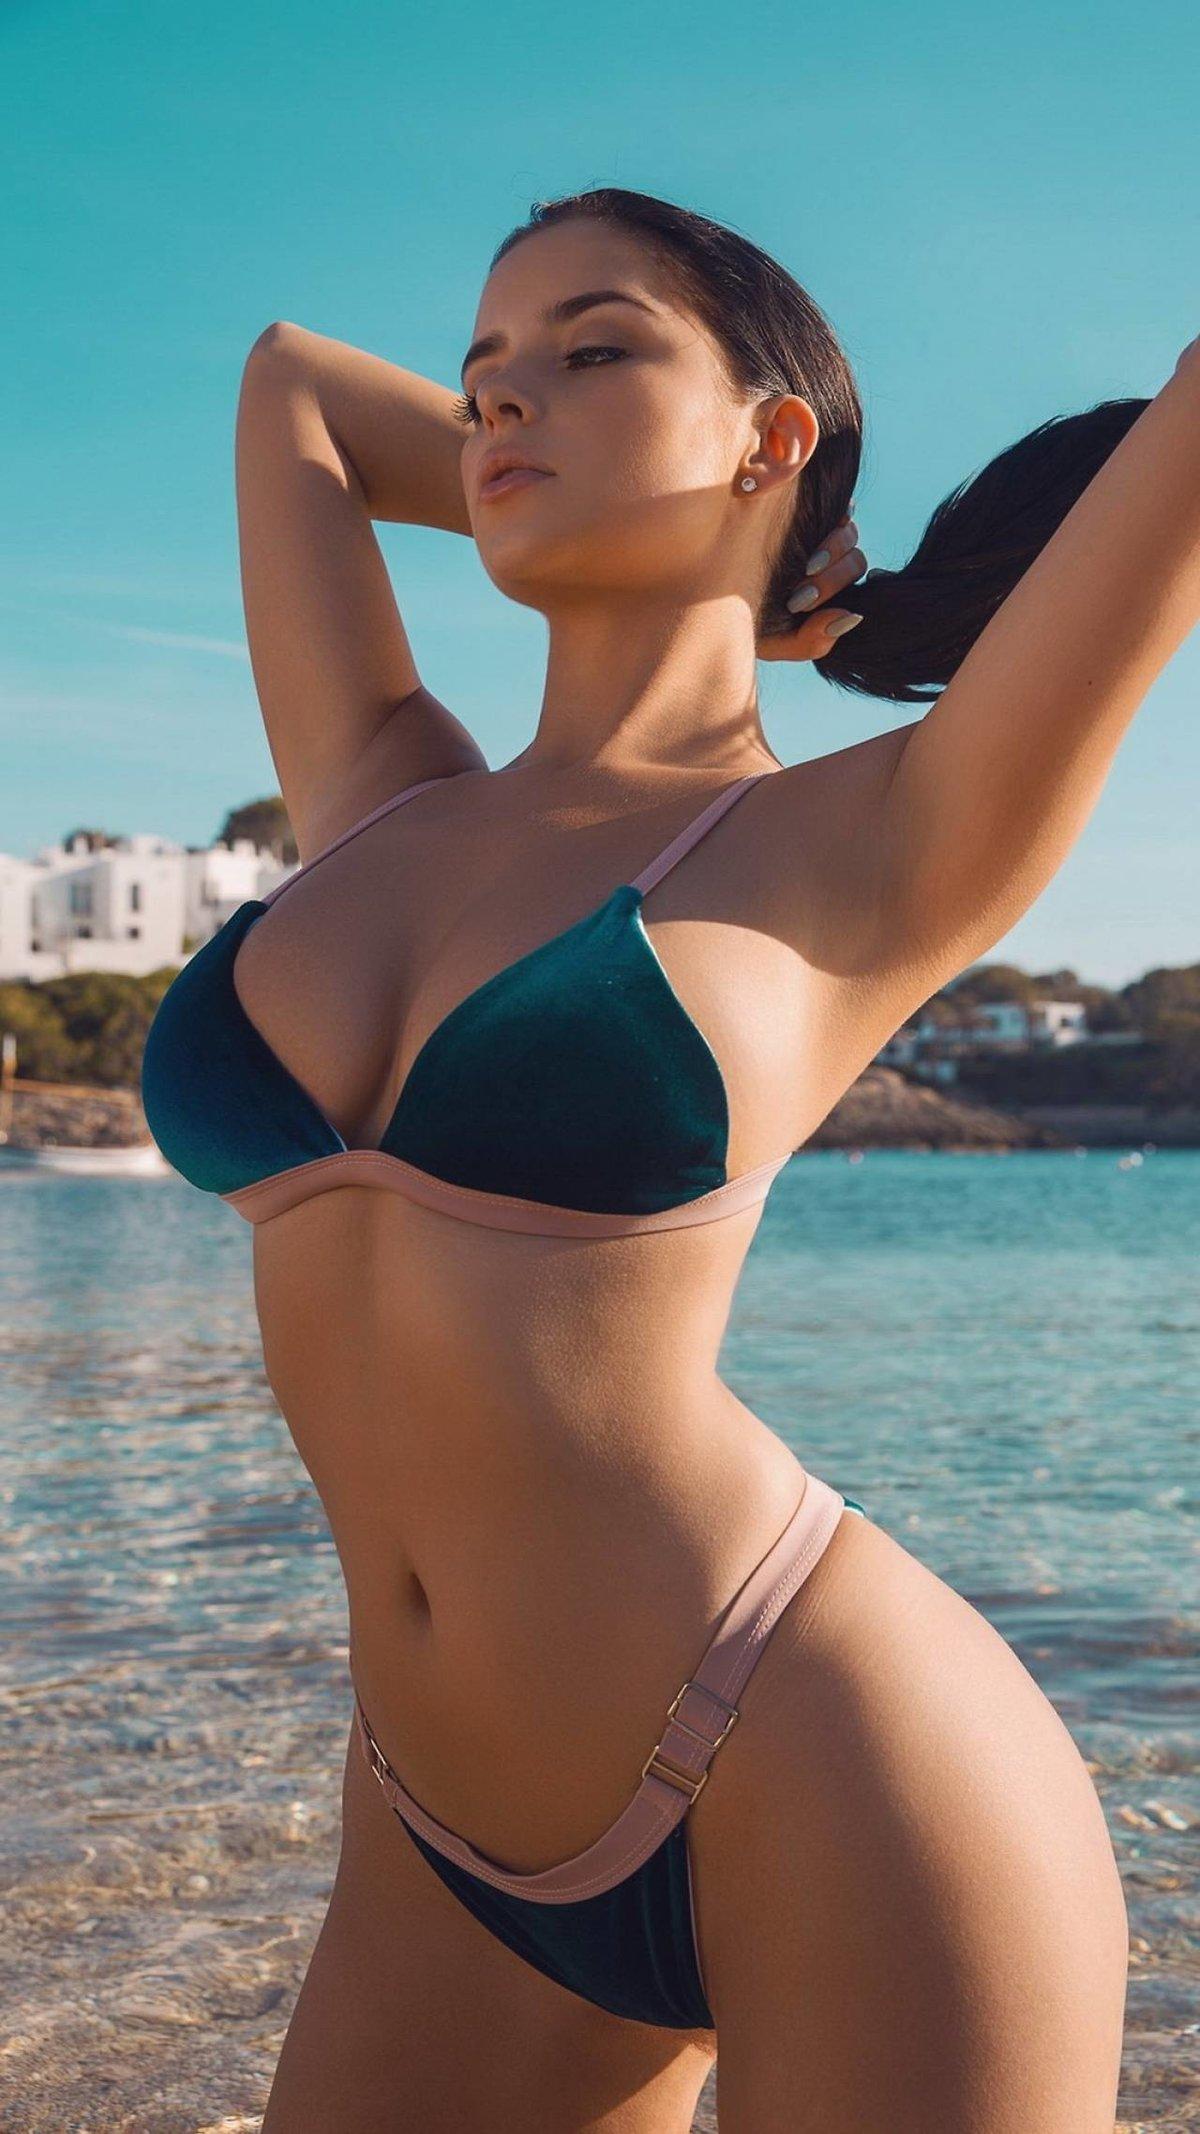 девки трахаются горячие телочки в купальниках нечасто появляется